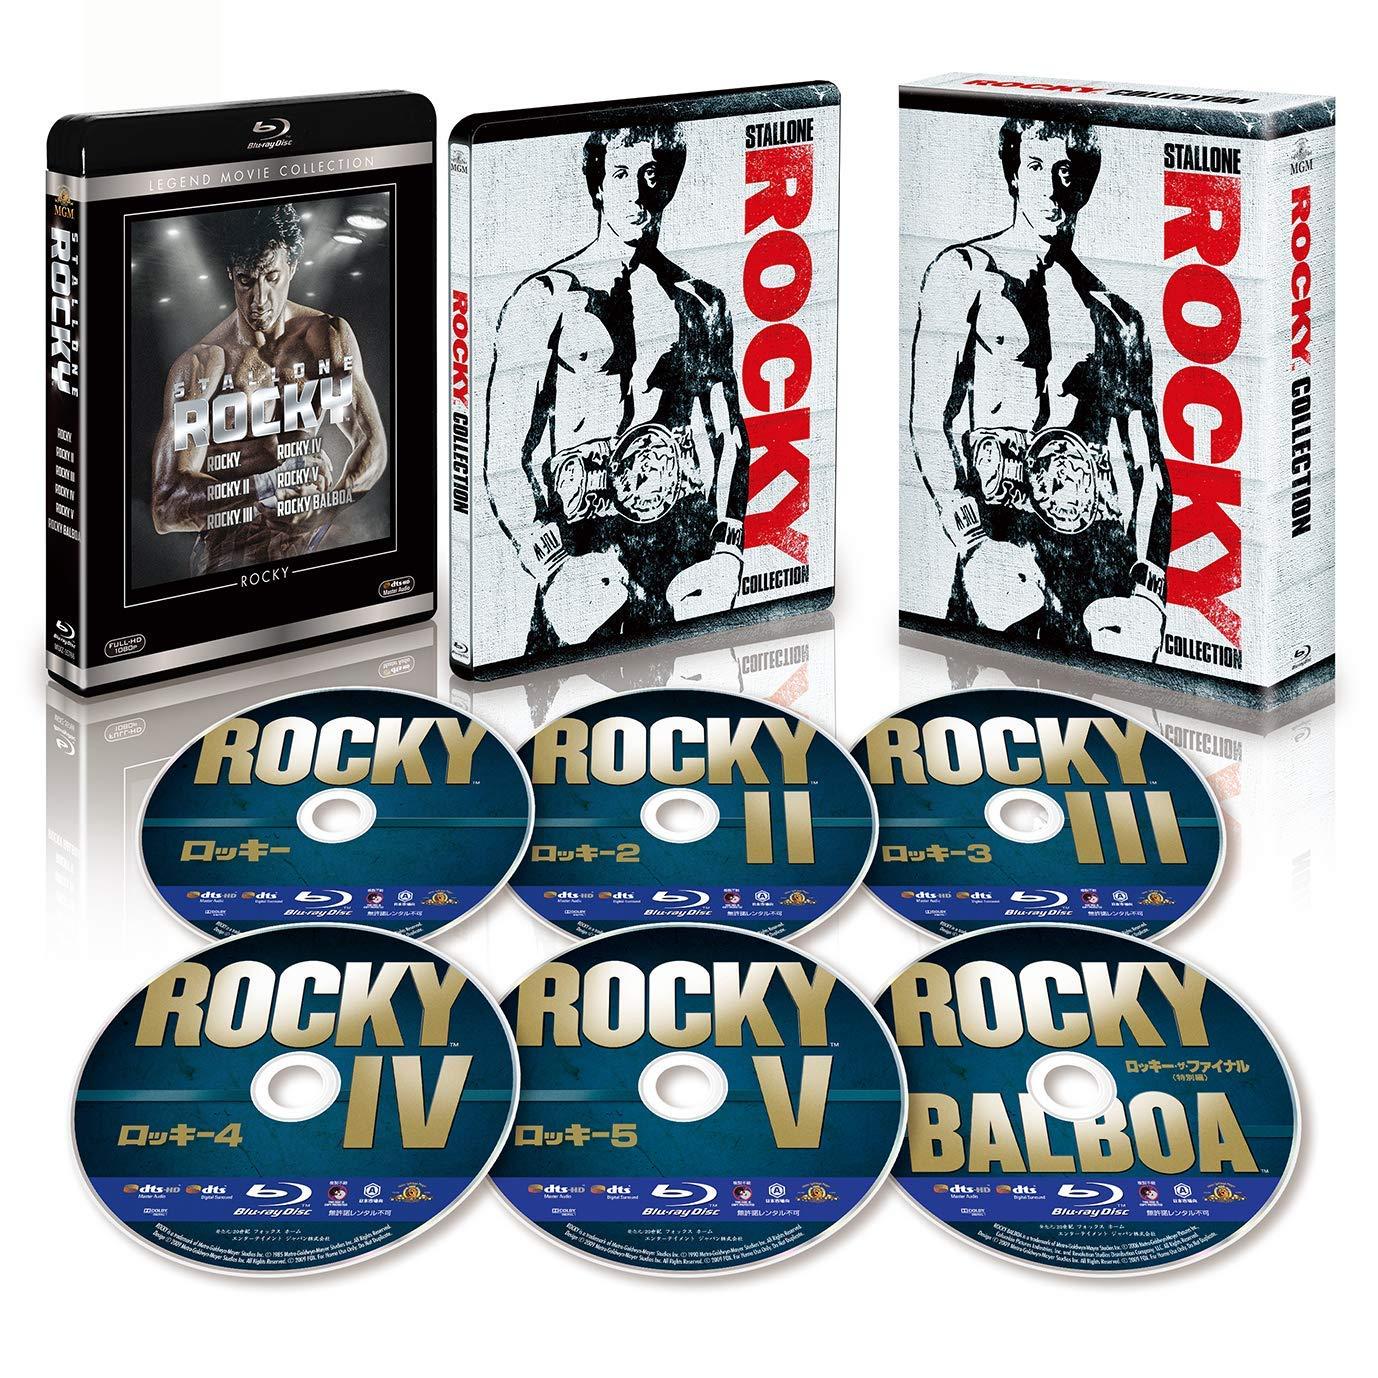 ロッキー コレクション スチールブック付きブルーレイBOX The Greatest Showman steelbook